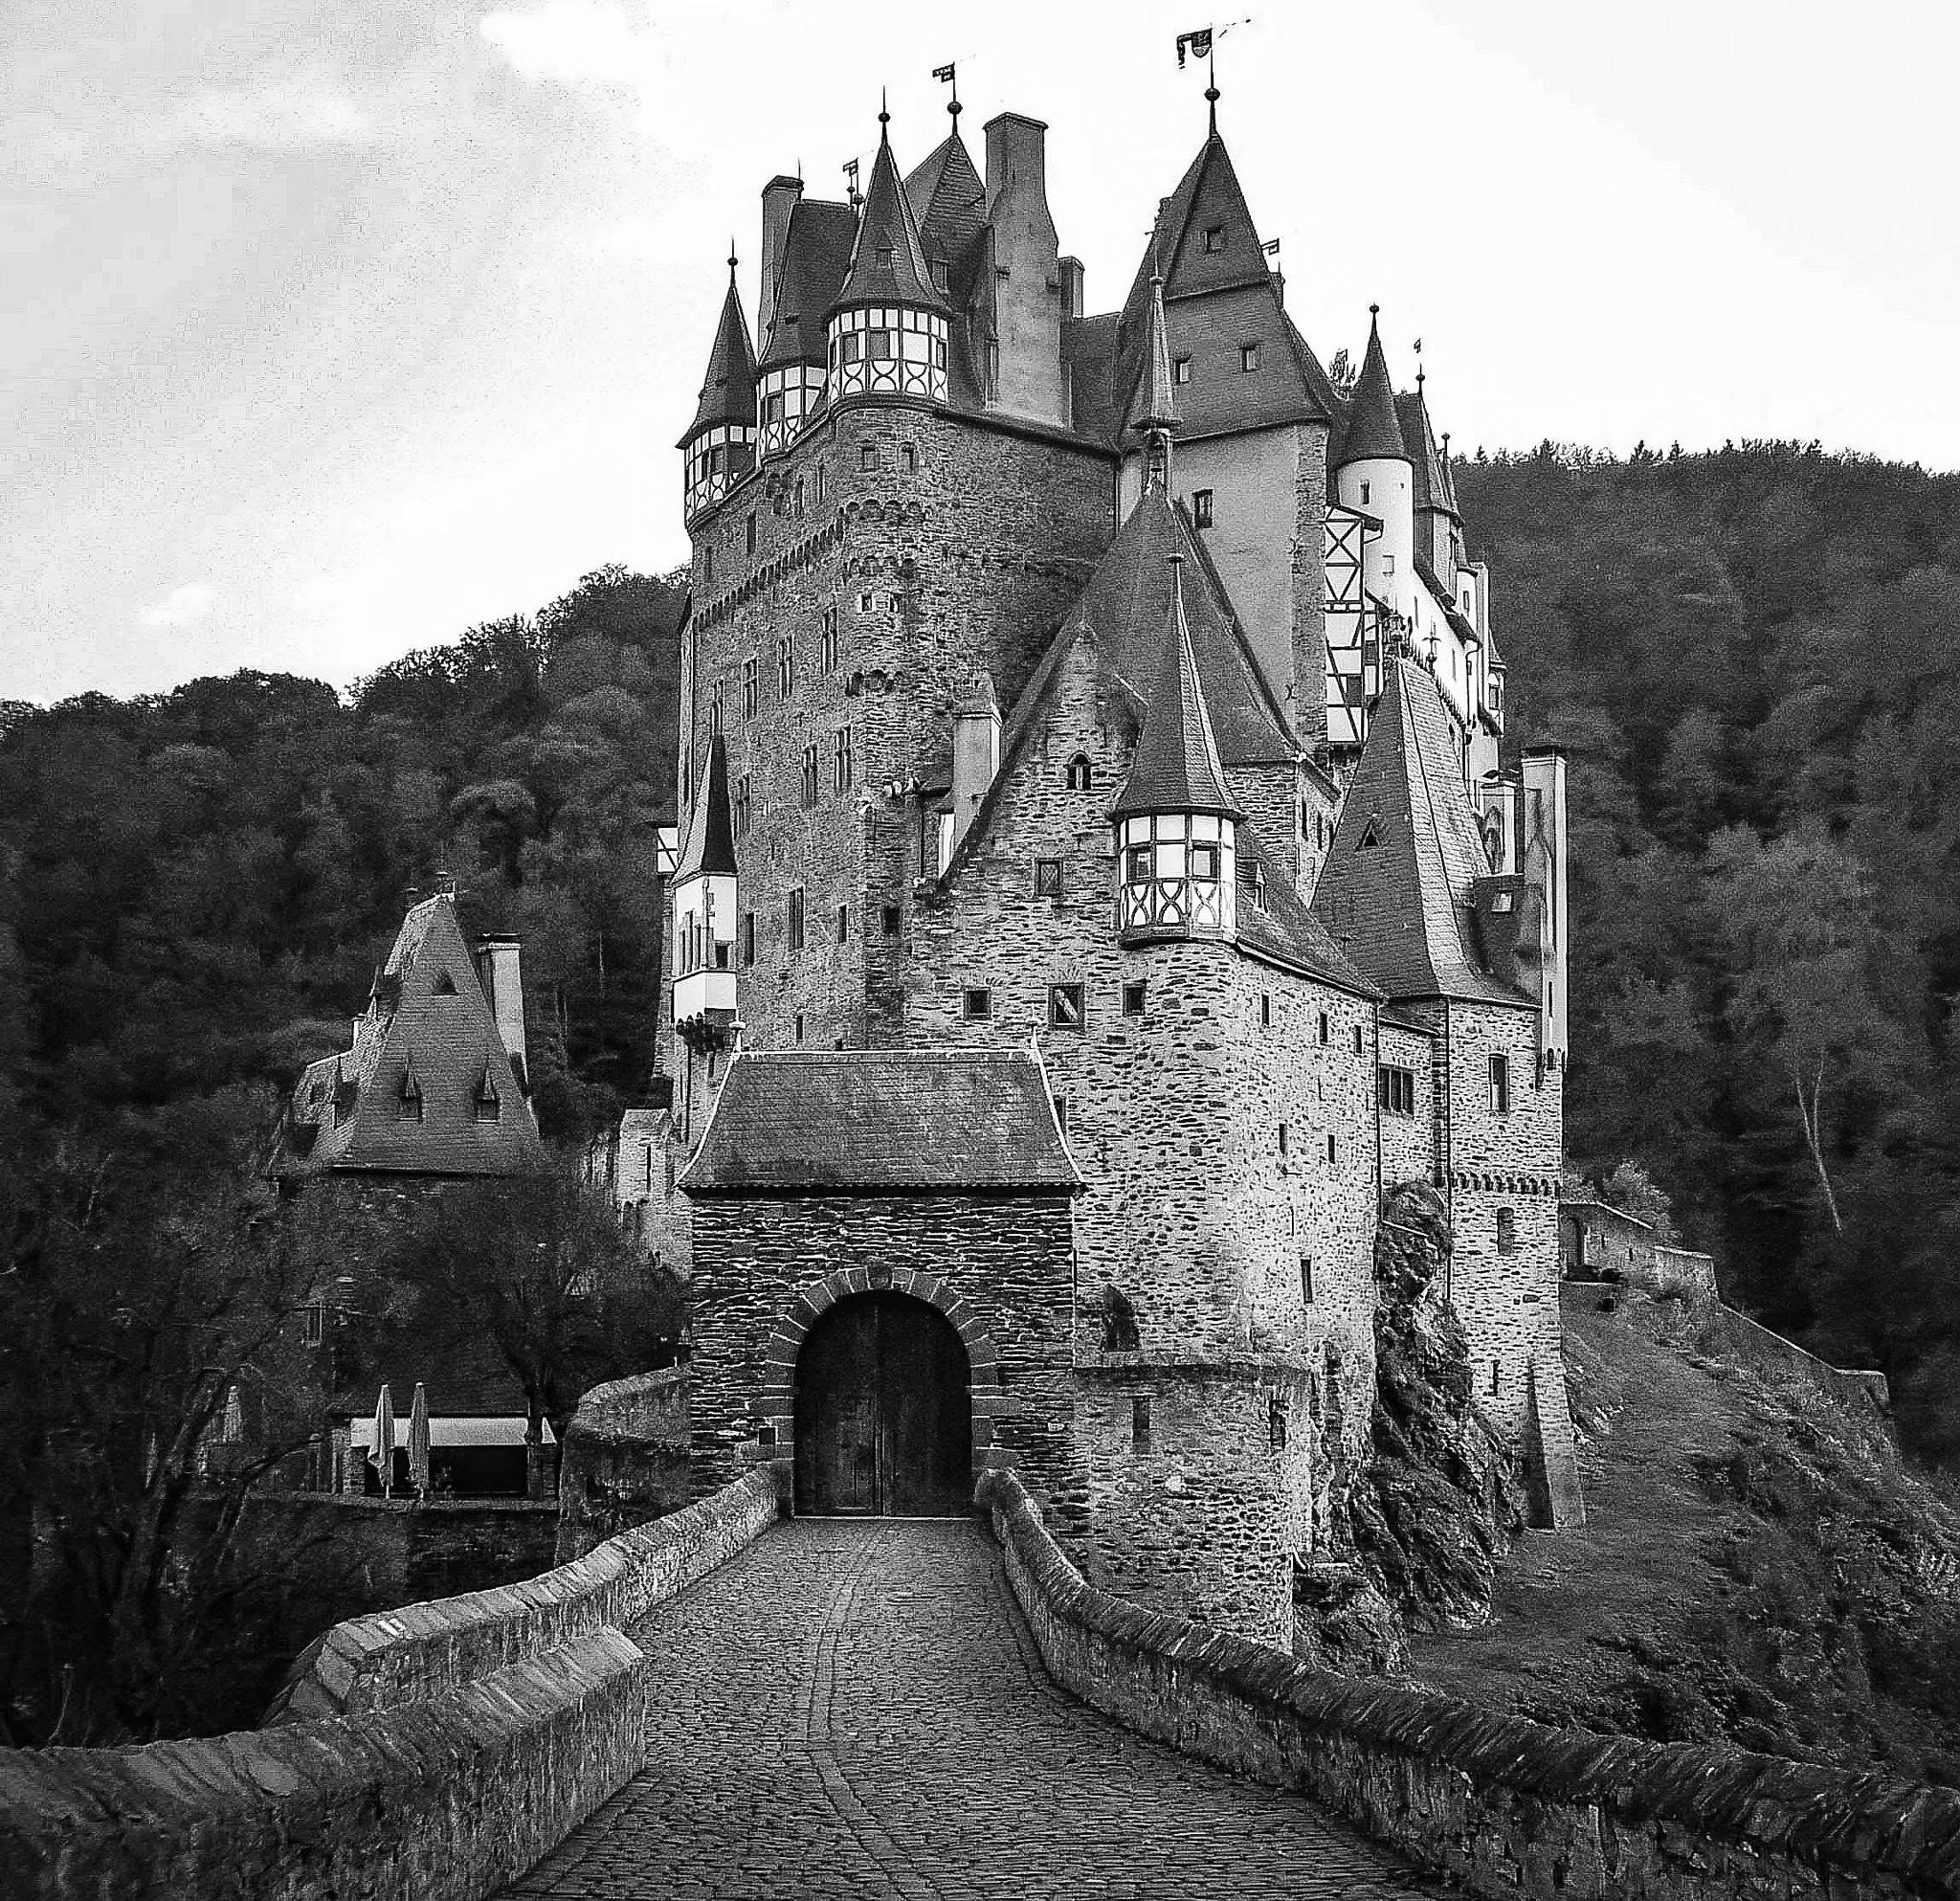 Eltz Castle by Sergej Pril